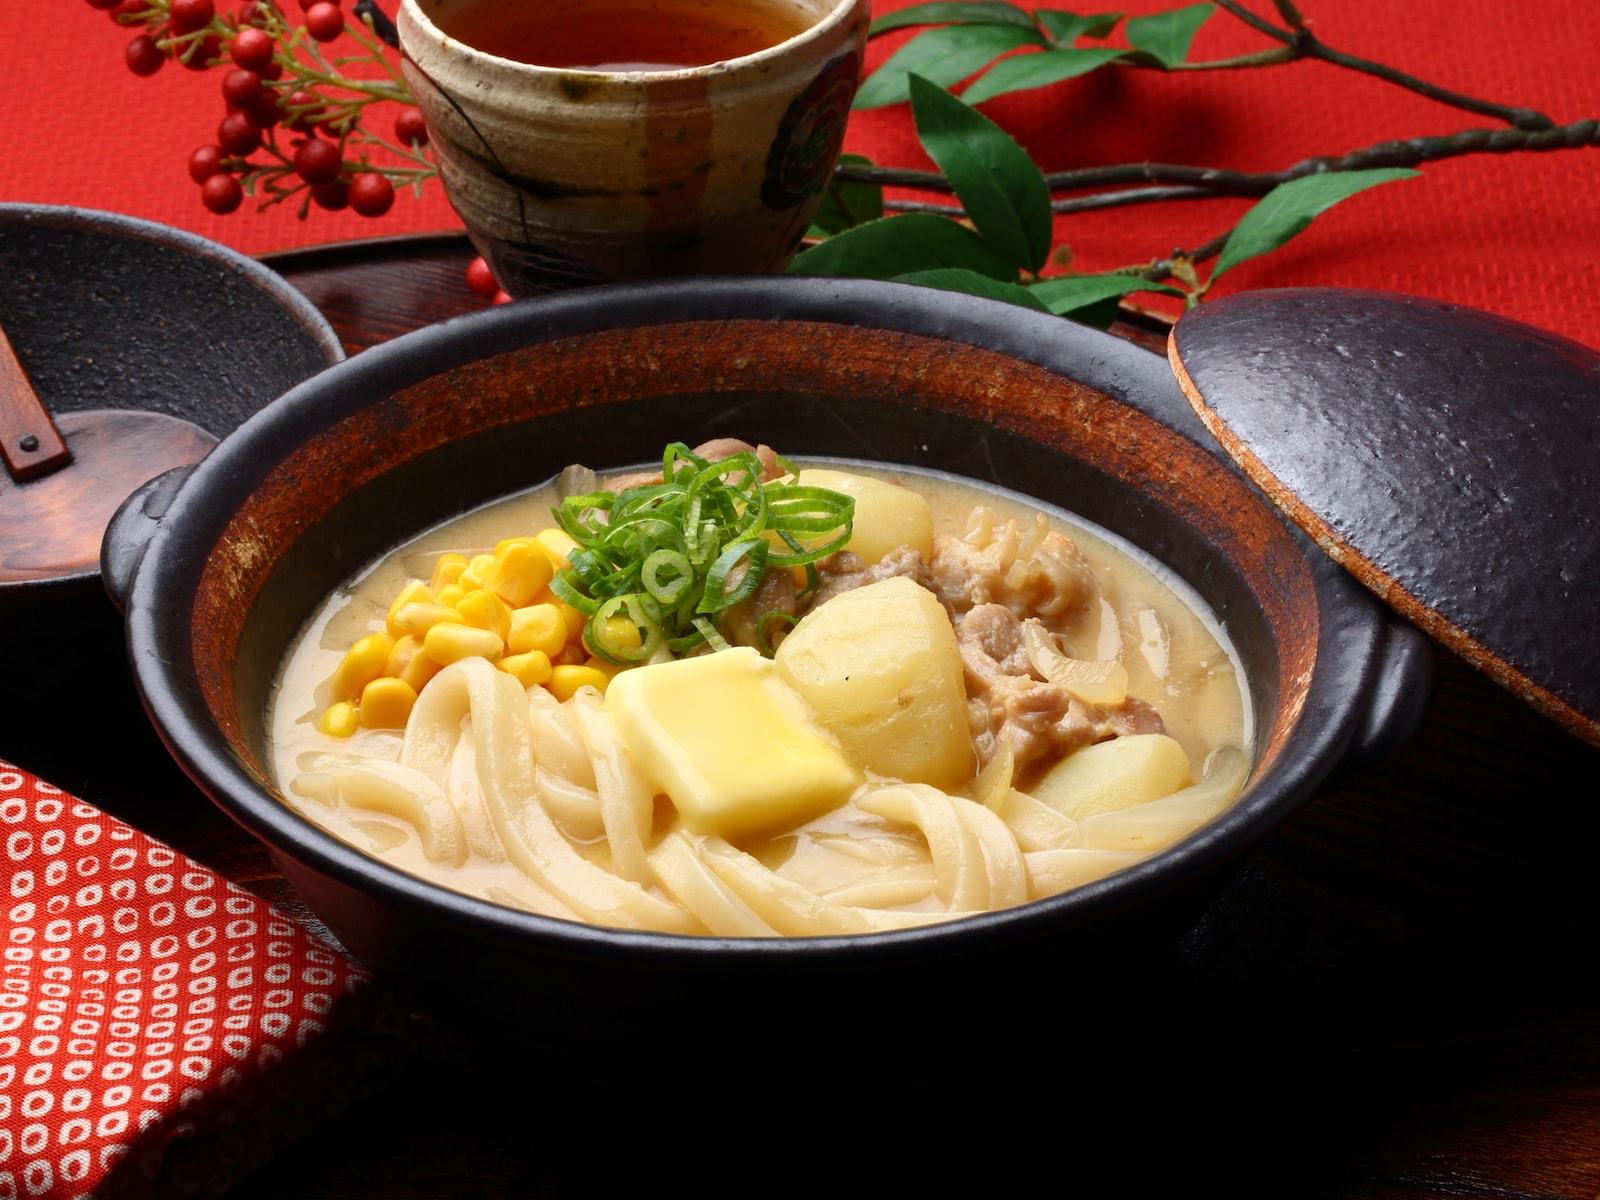 【冷凍うどんレシピ】あったかスープで温まる……じゃがバタ味噌うどん鍋